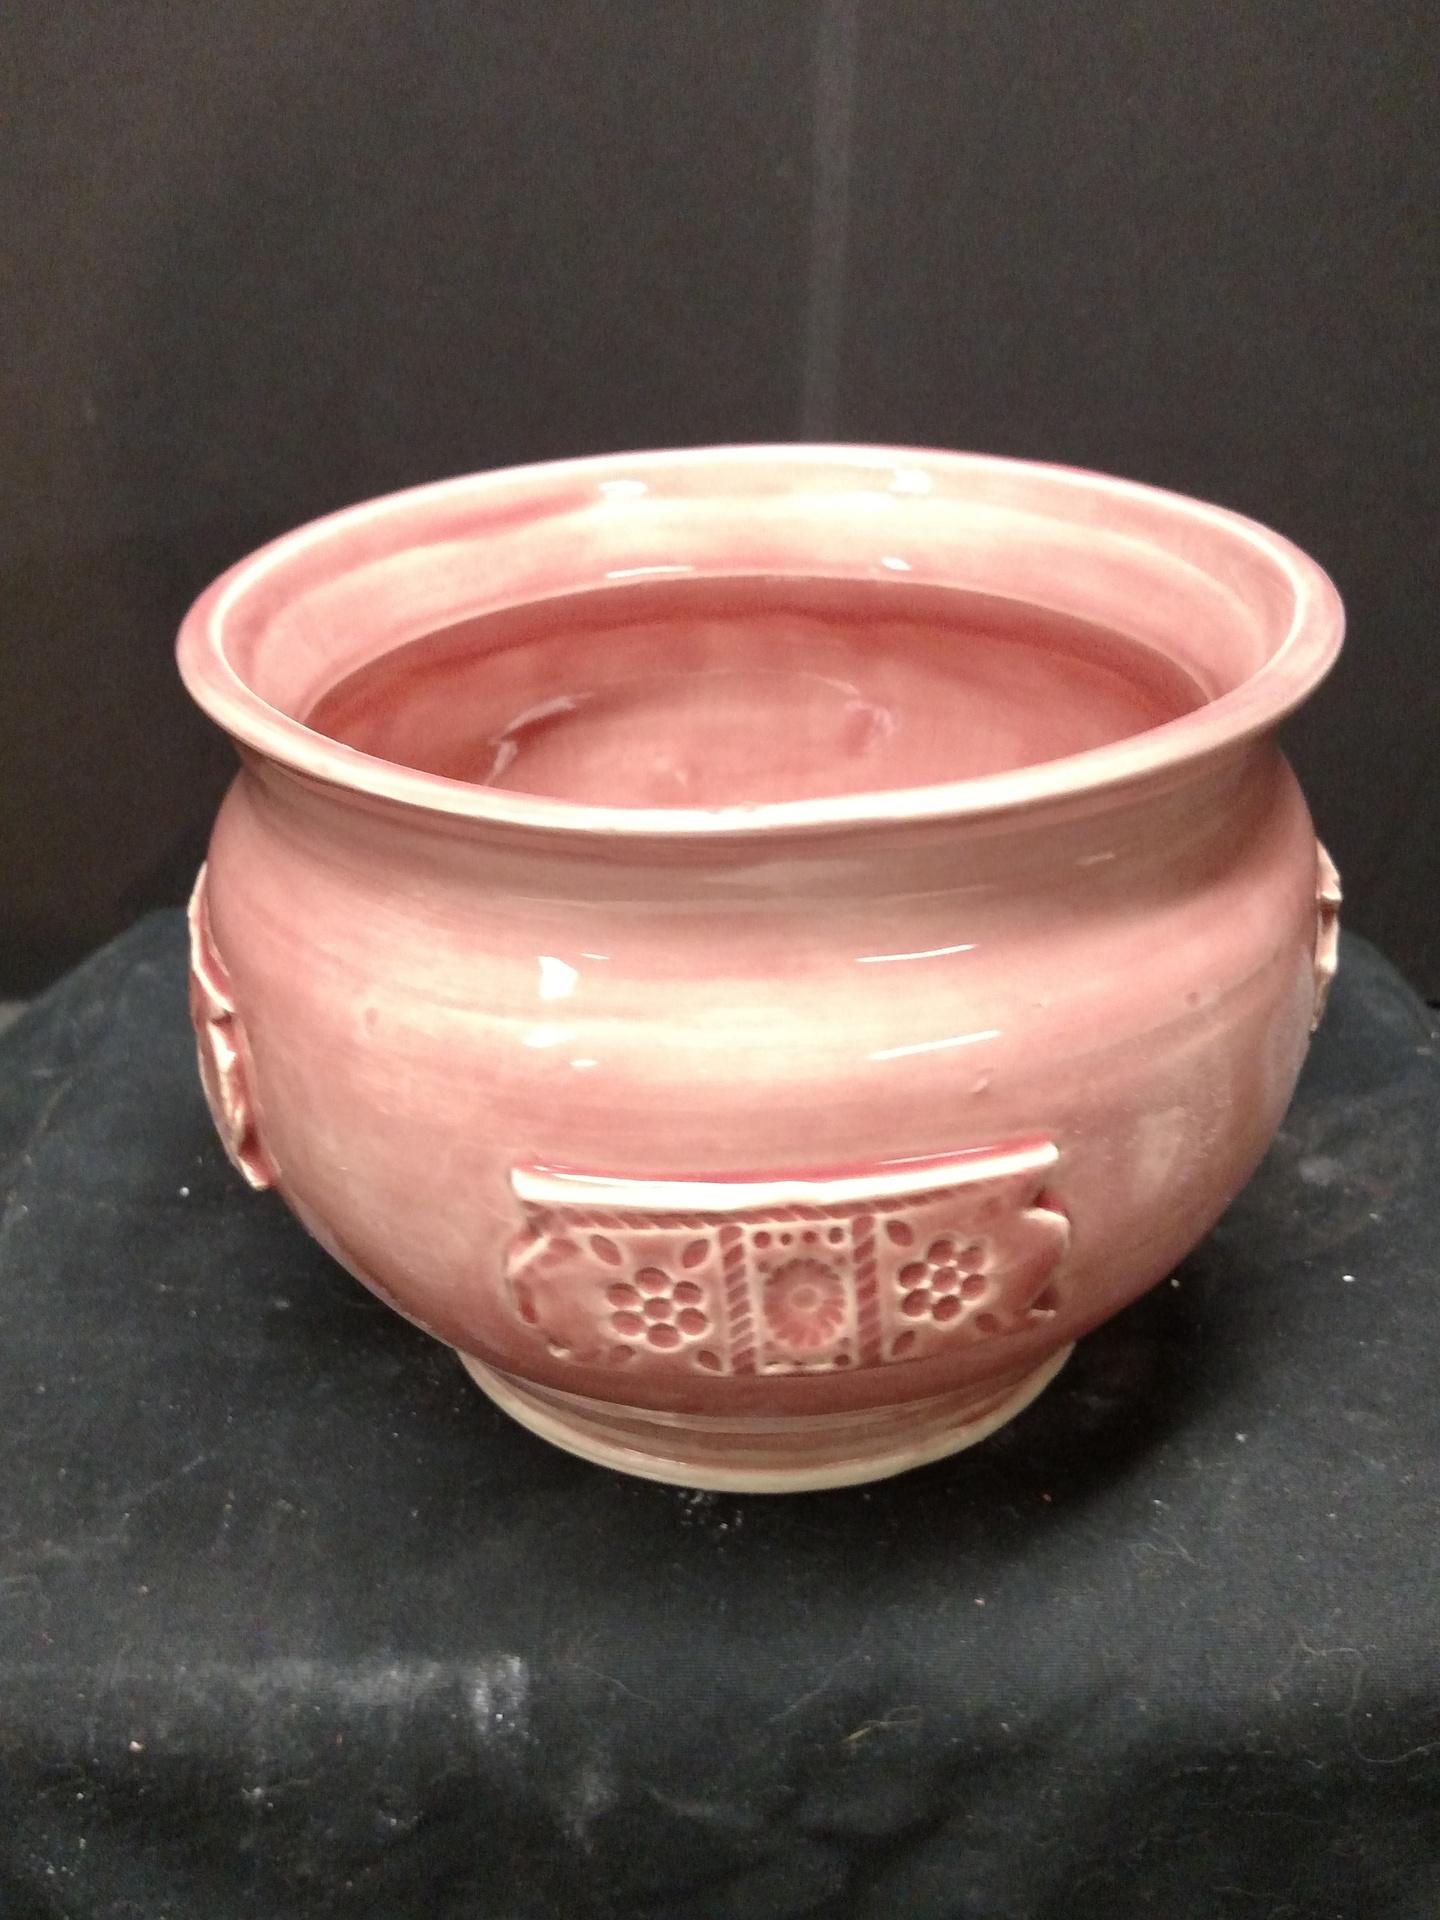 Planter - pink celadon